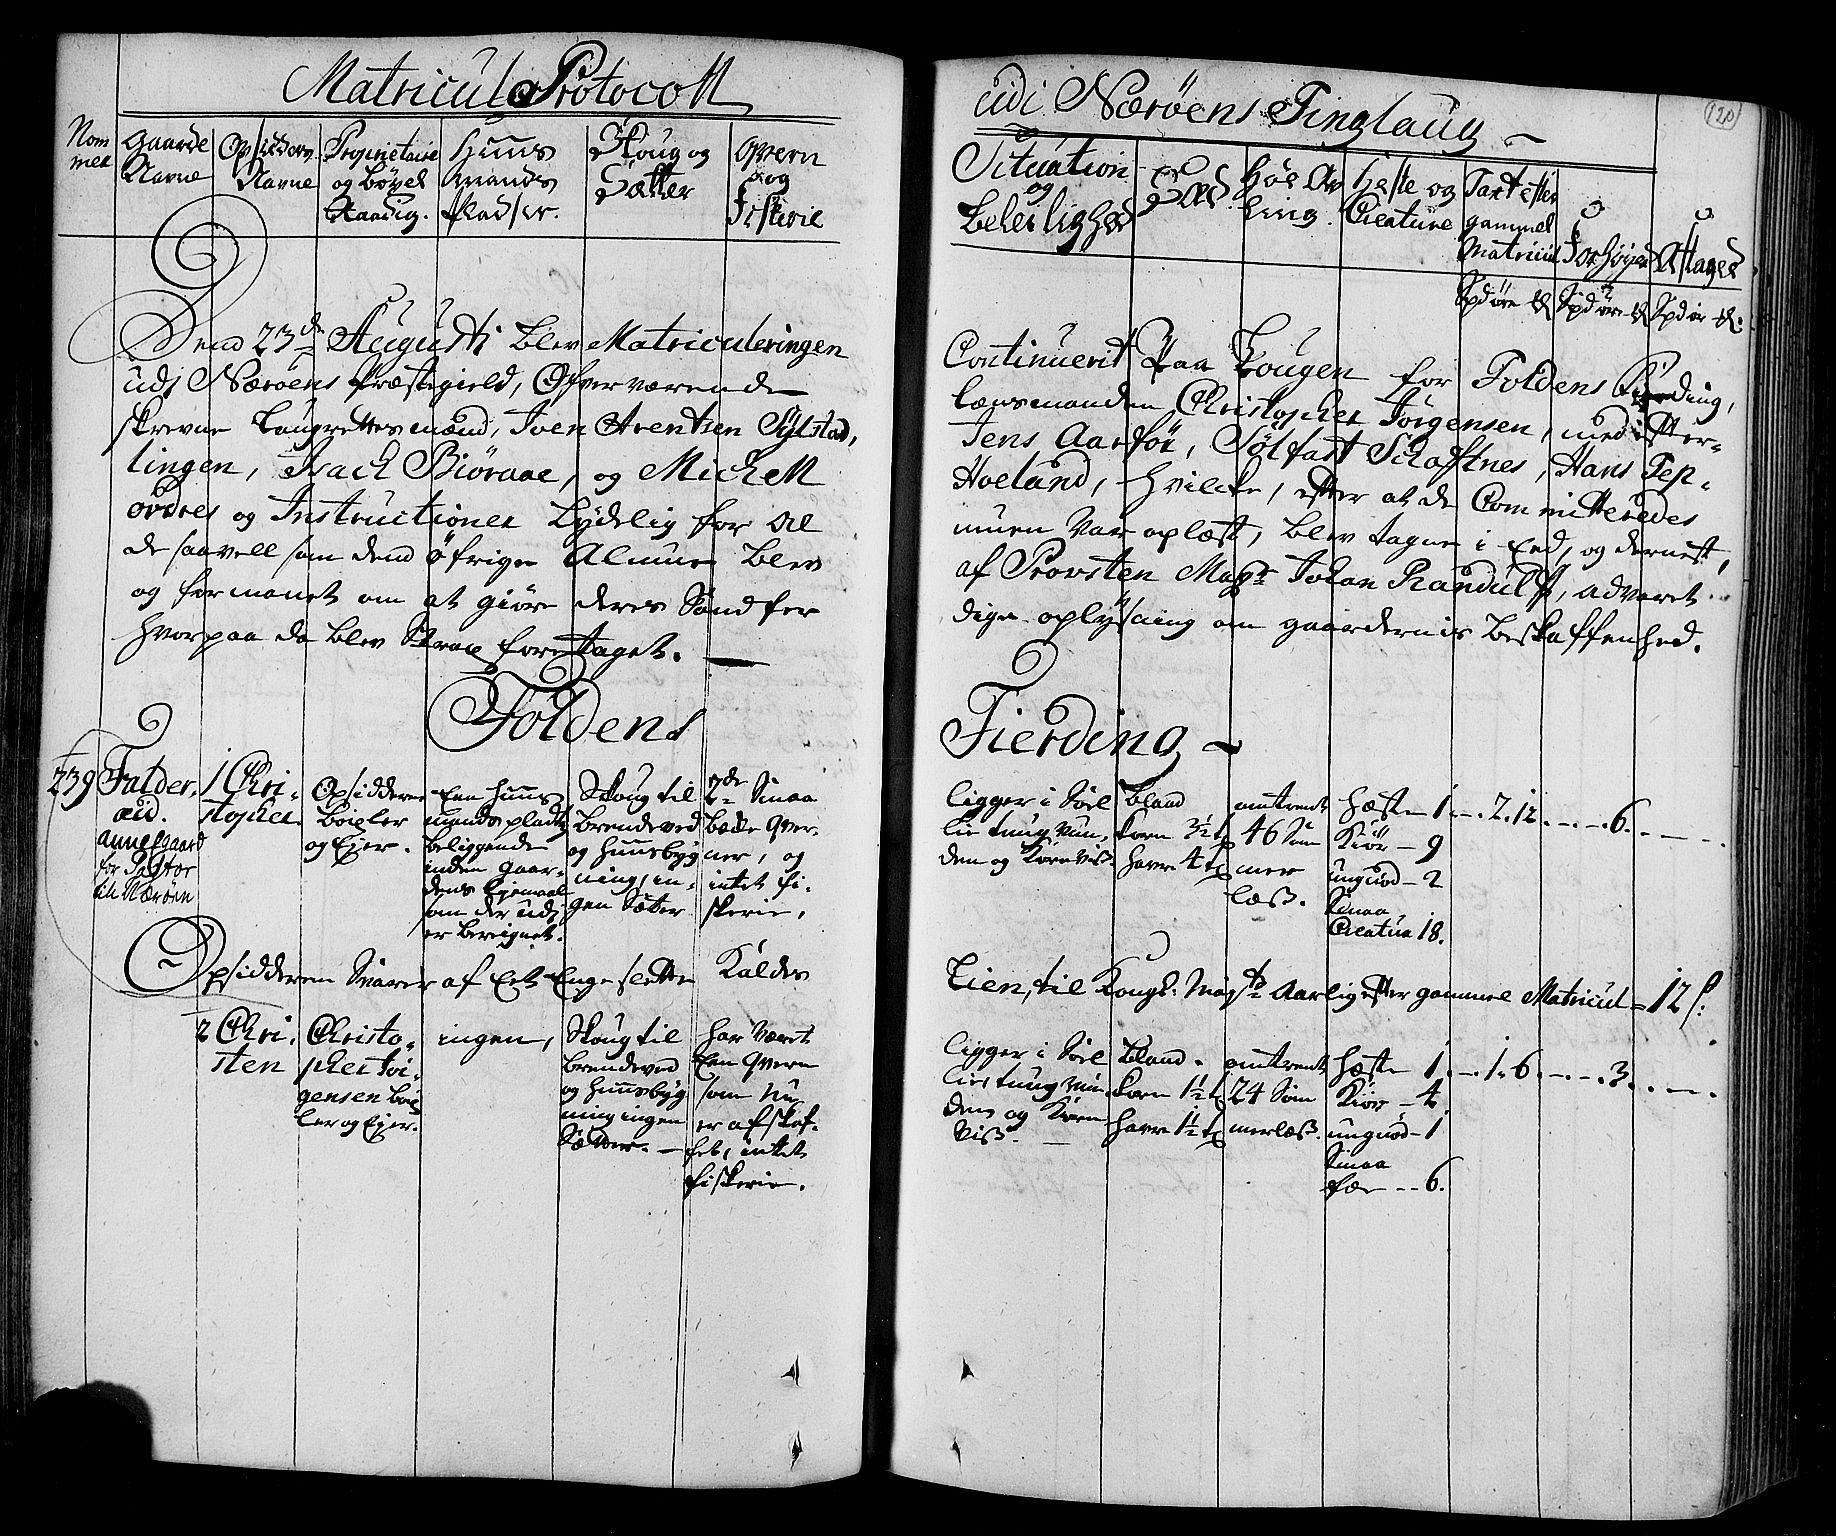 RA, Rentekammeret inntil 1814, Realistisk ordnet avdeling, N/Nb/Nbf/L0168: Namdalen eksaminasjonsprotokoll, 1723, s. 119b-120a